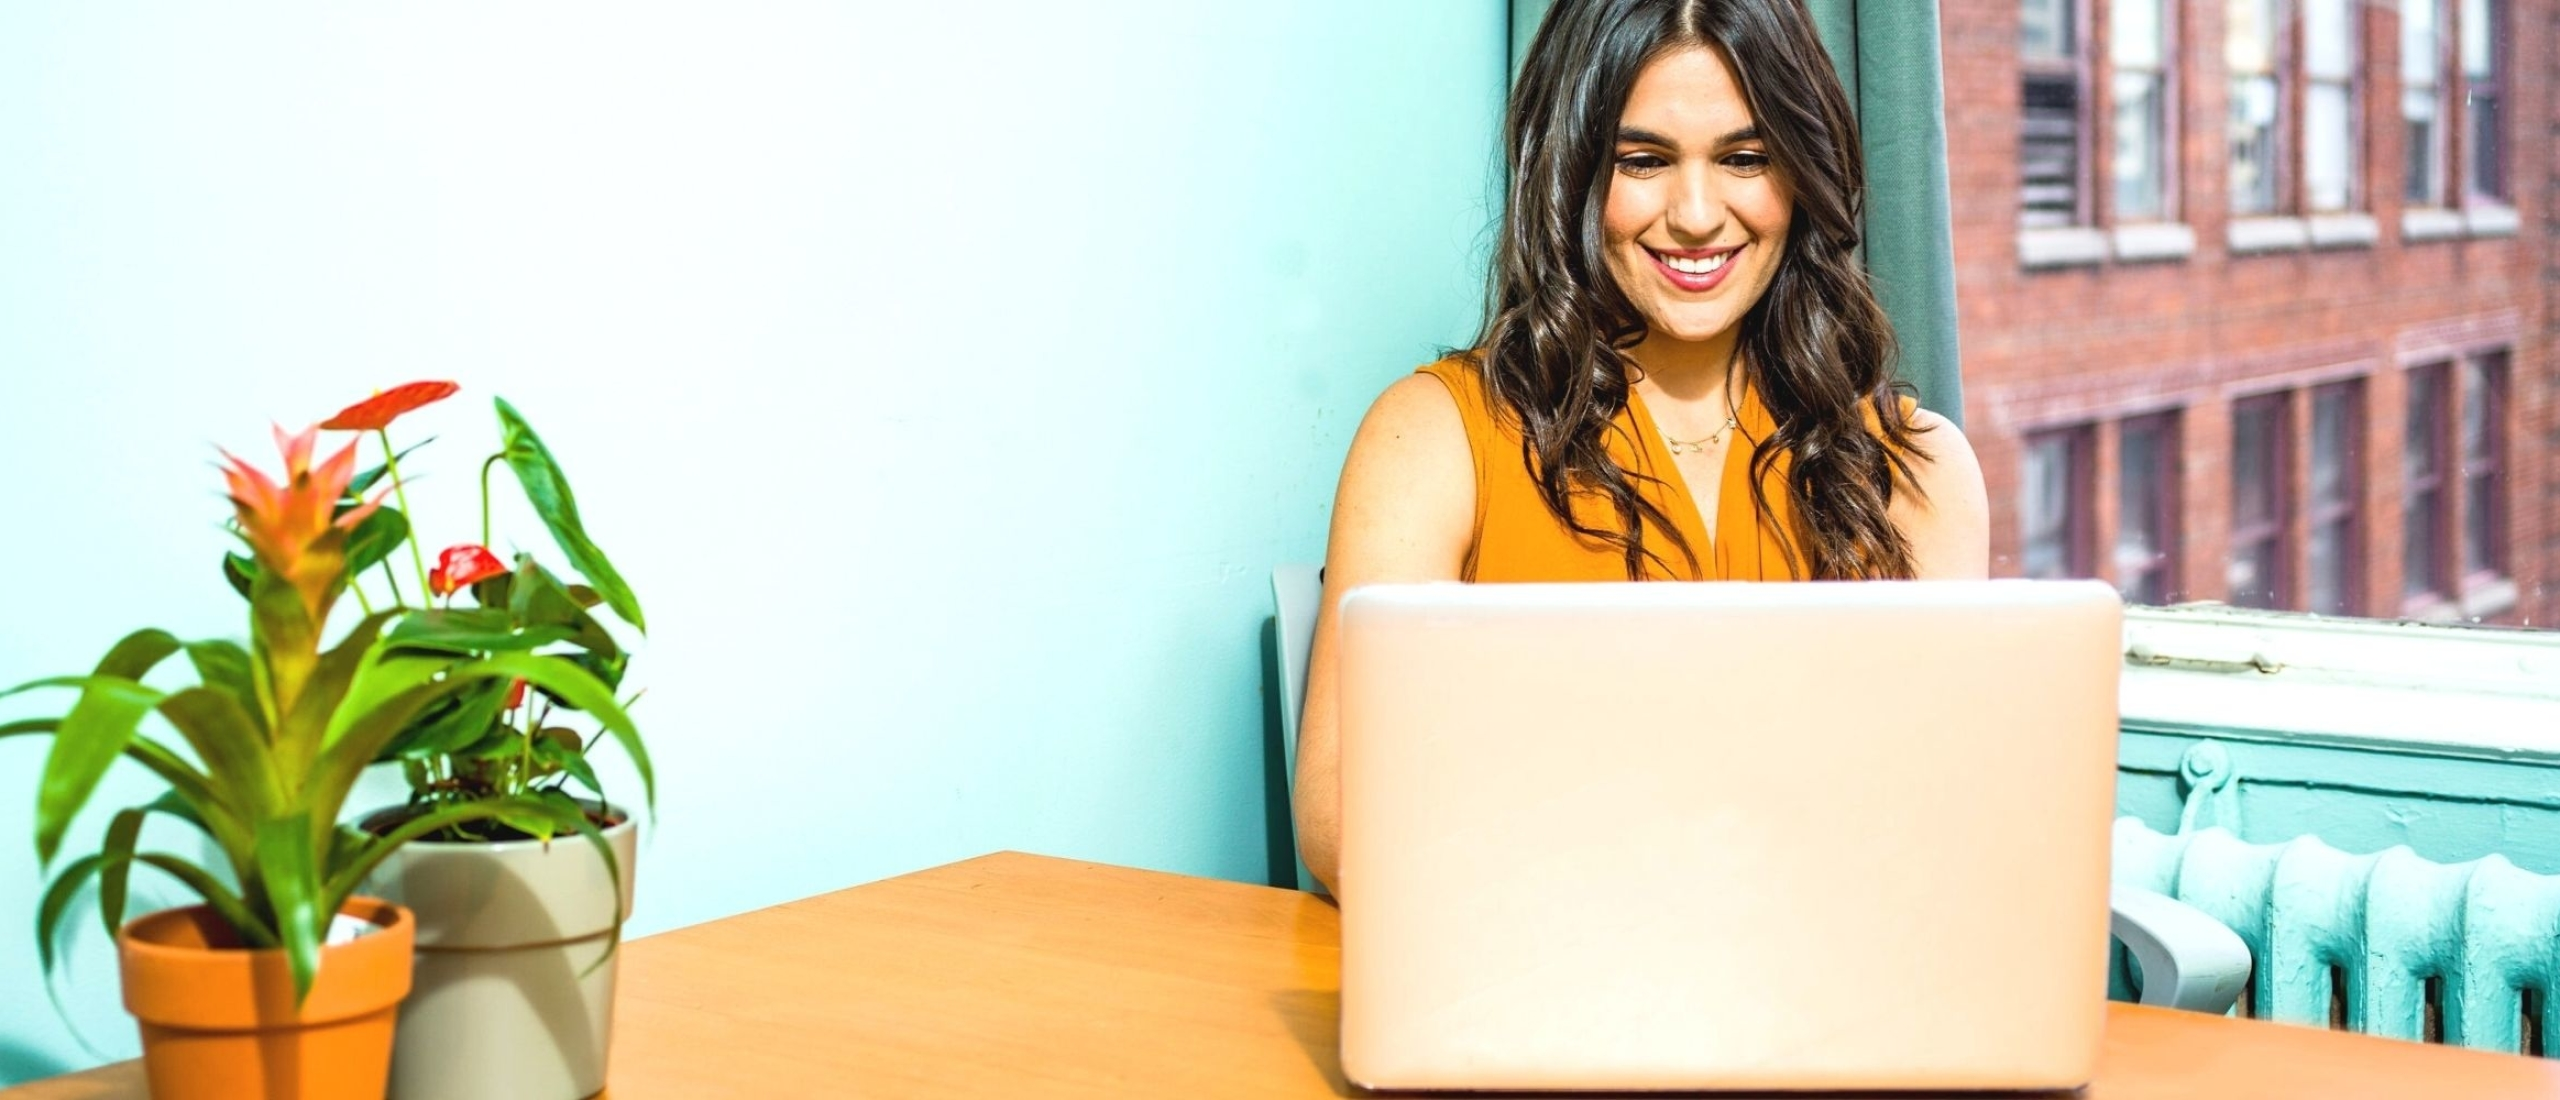 Wat jij moet weten over online geld verdienen!